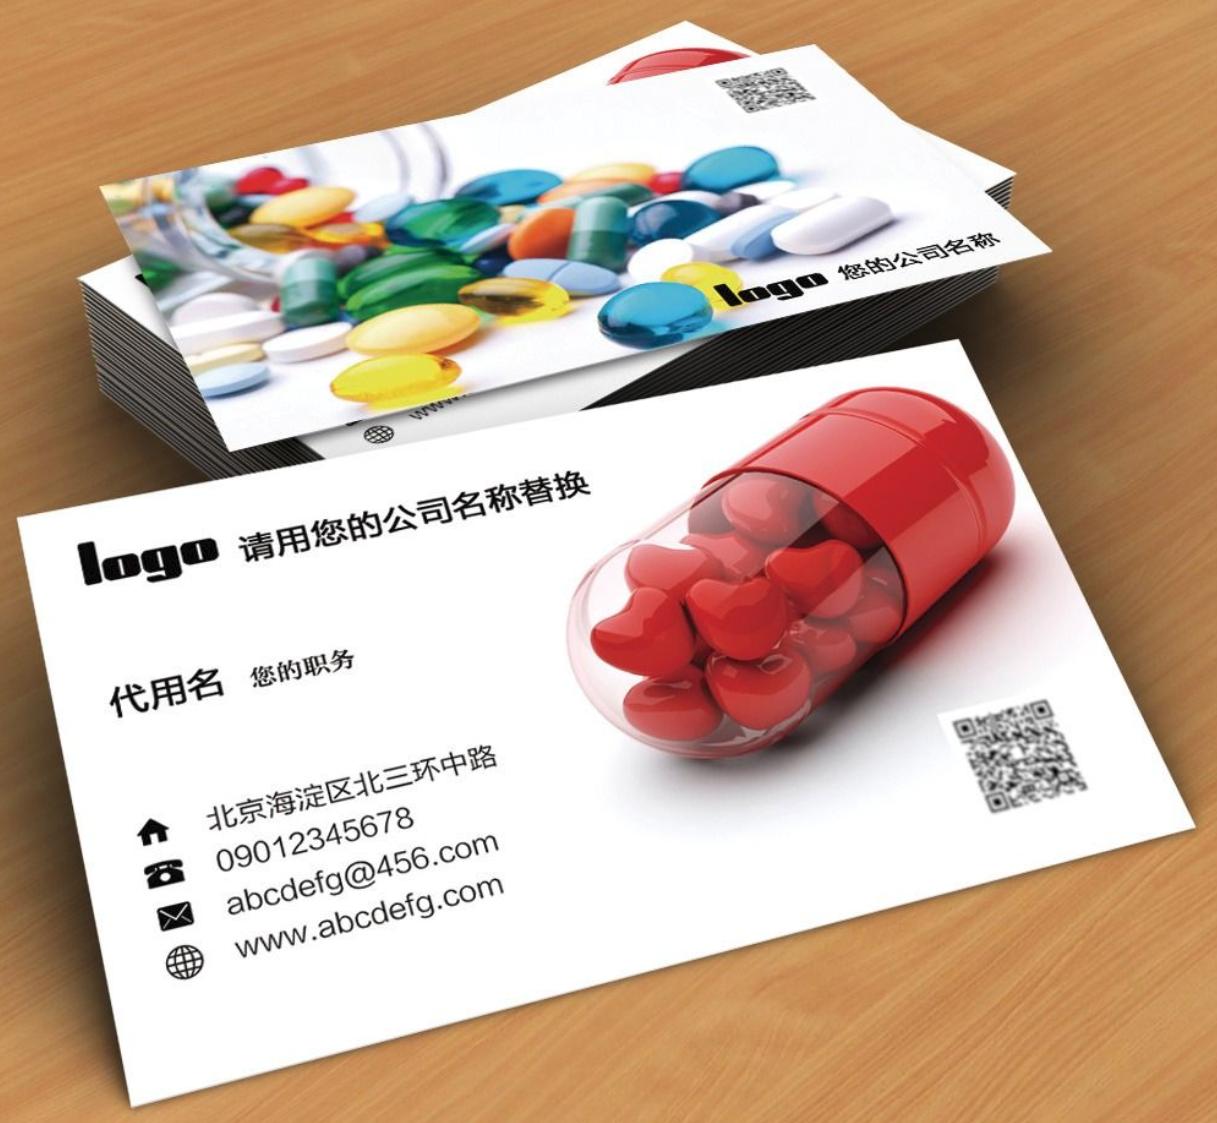 创意社交名片设计参考 药房名片设计作品欣赏